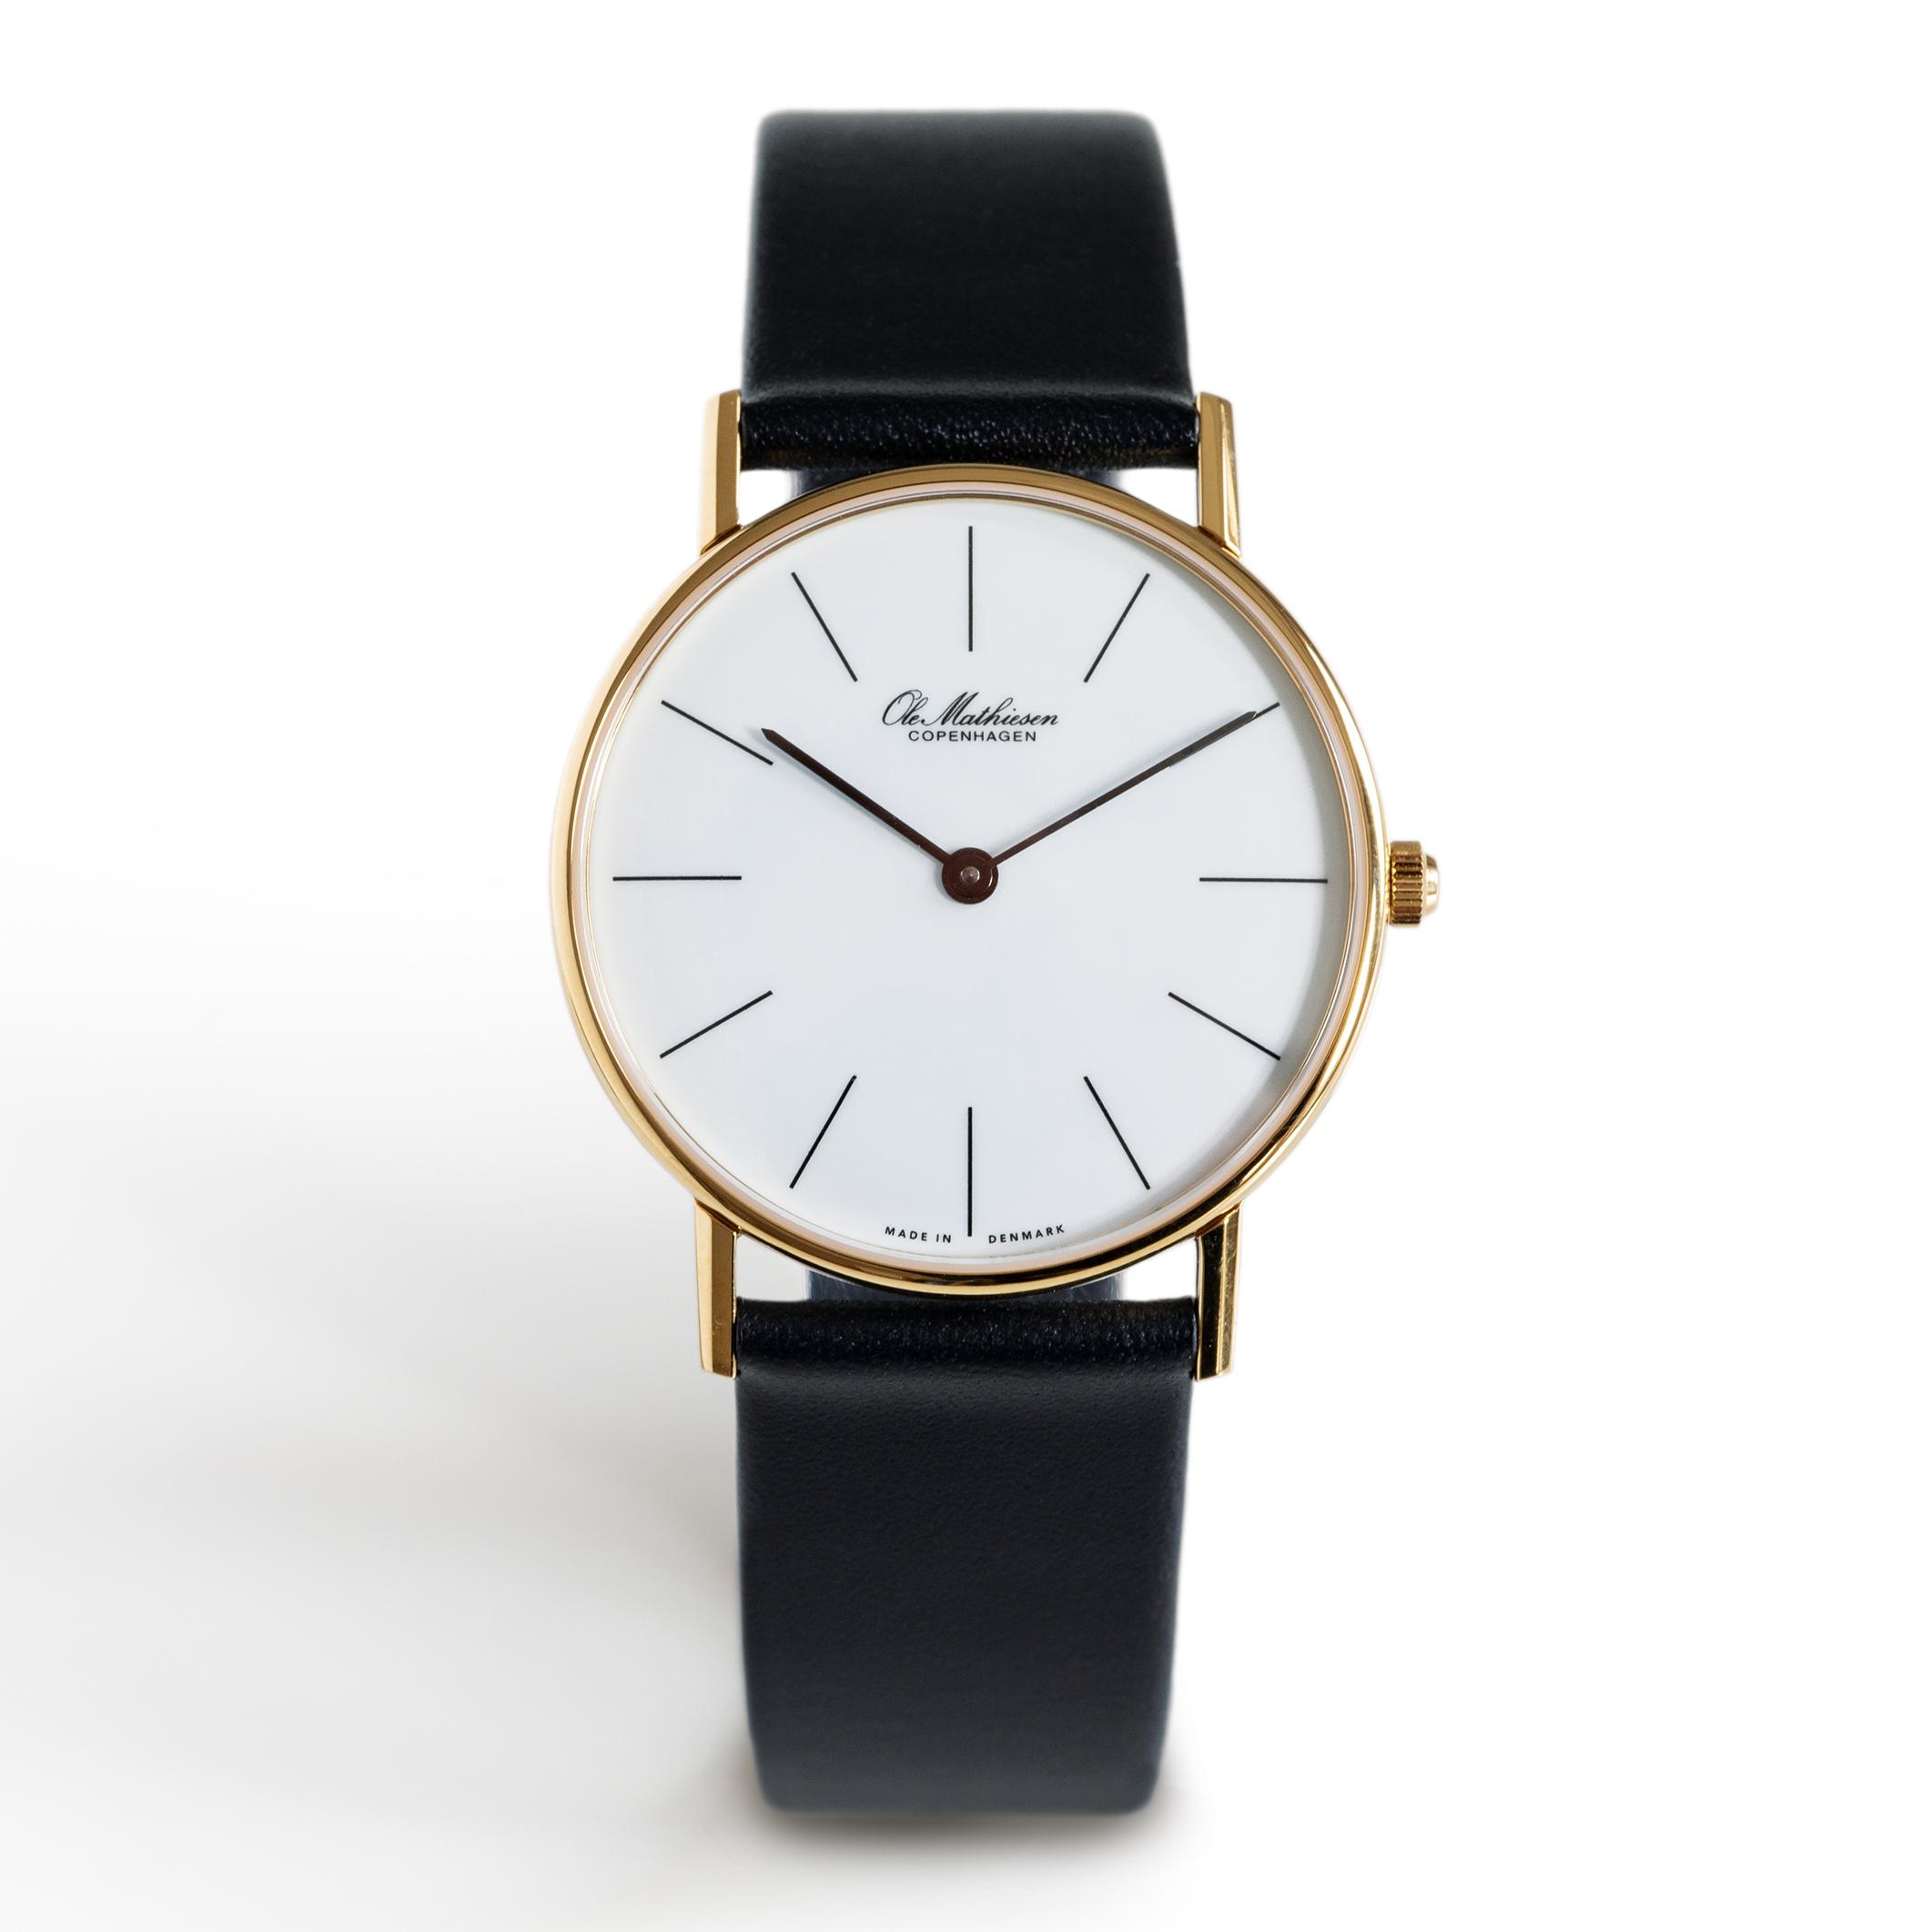 Armbanduhr zeichnung  Armbanduhren hochwertiger Marken bei Torquato.de kaufen